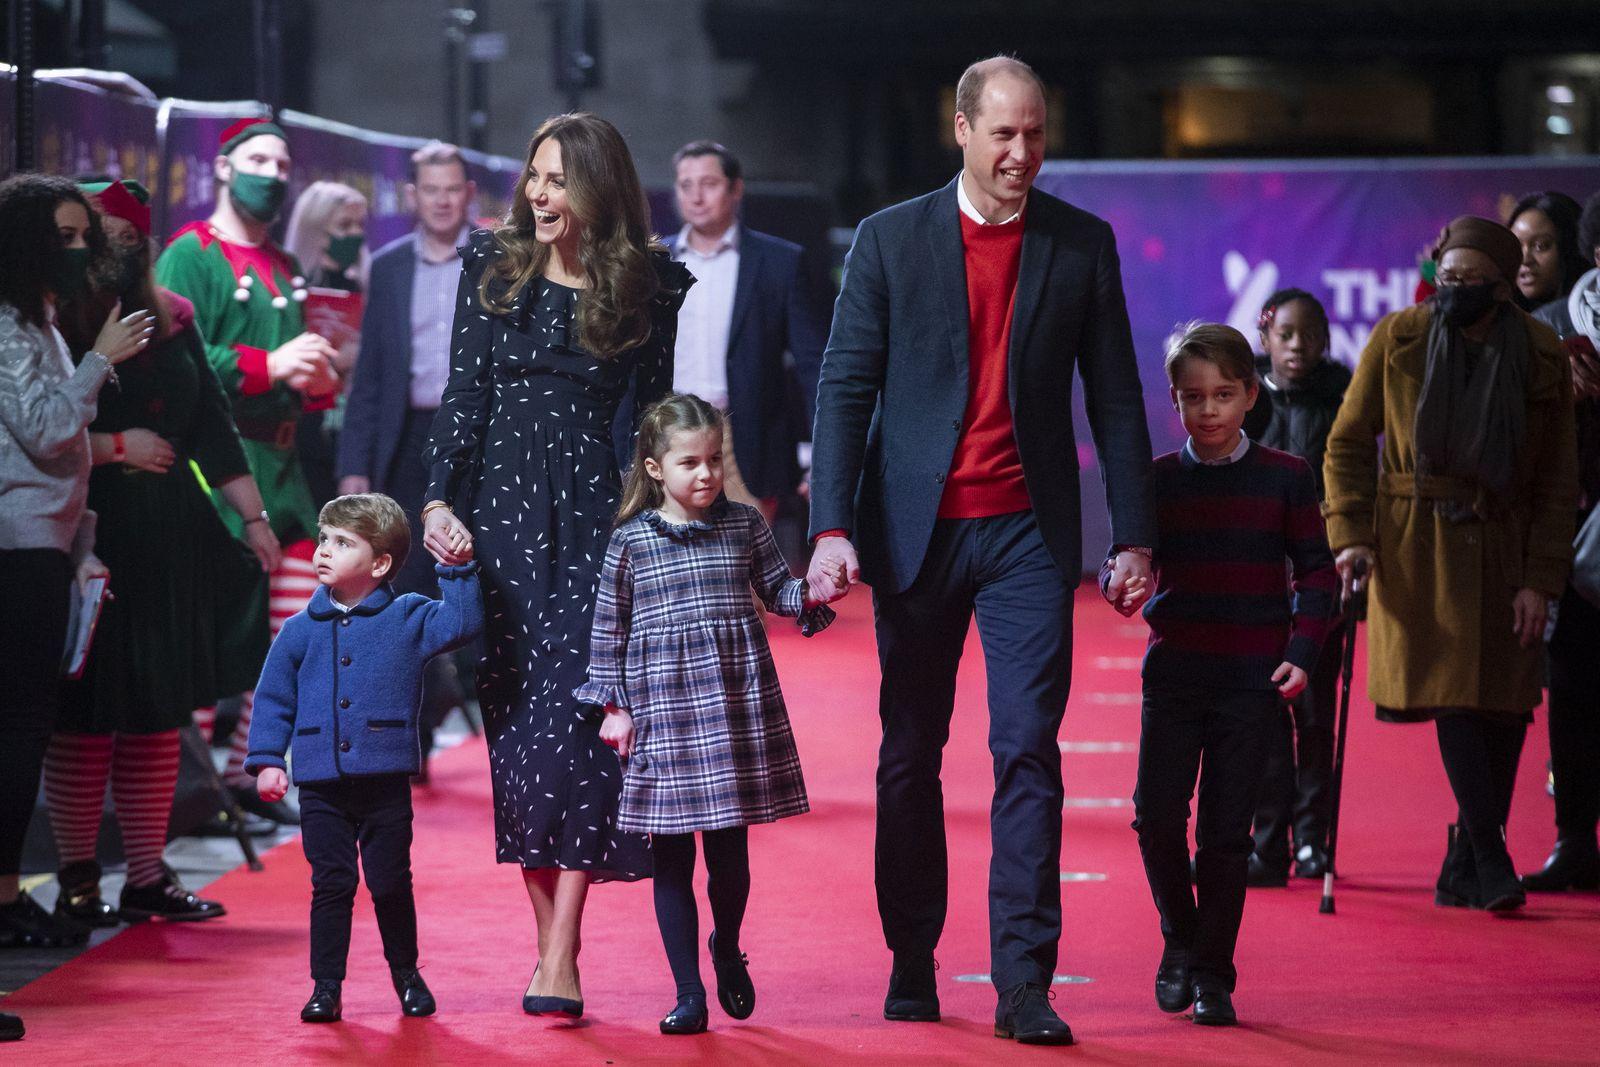 William und Kate erstmals mit allen Kindern auf dem roten Teppich